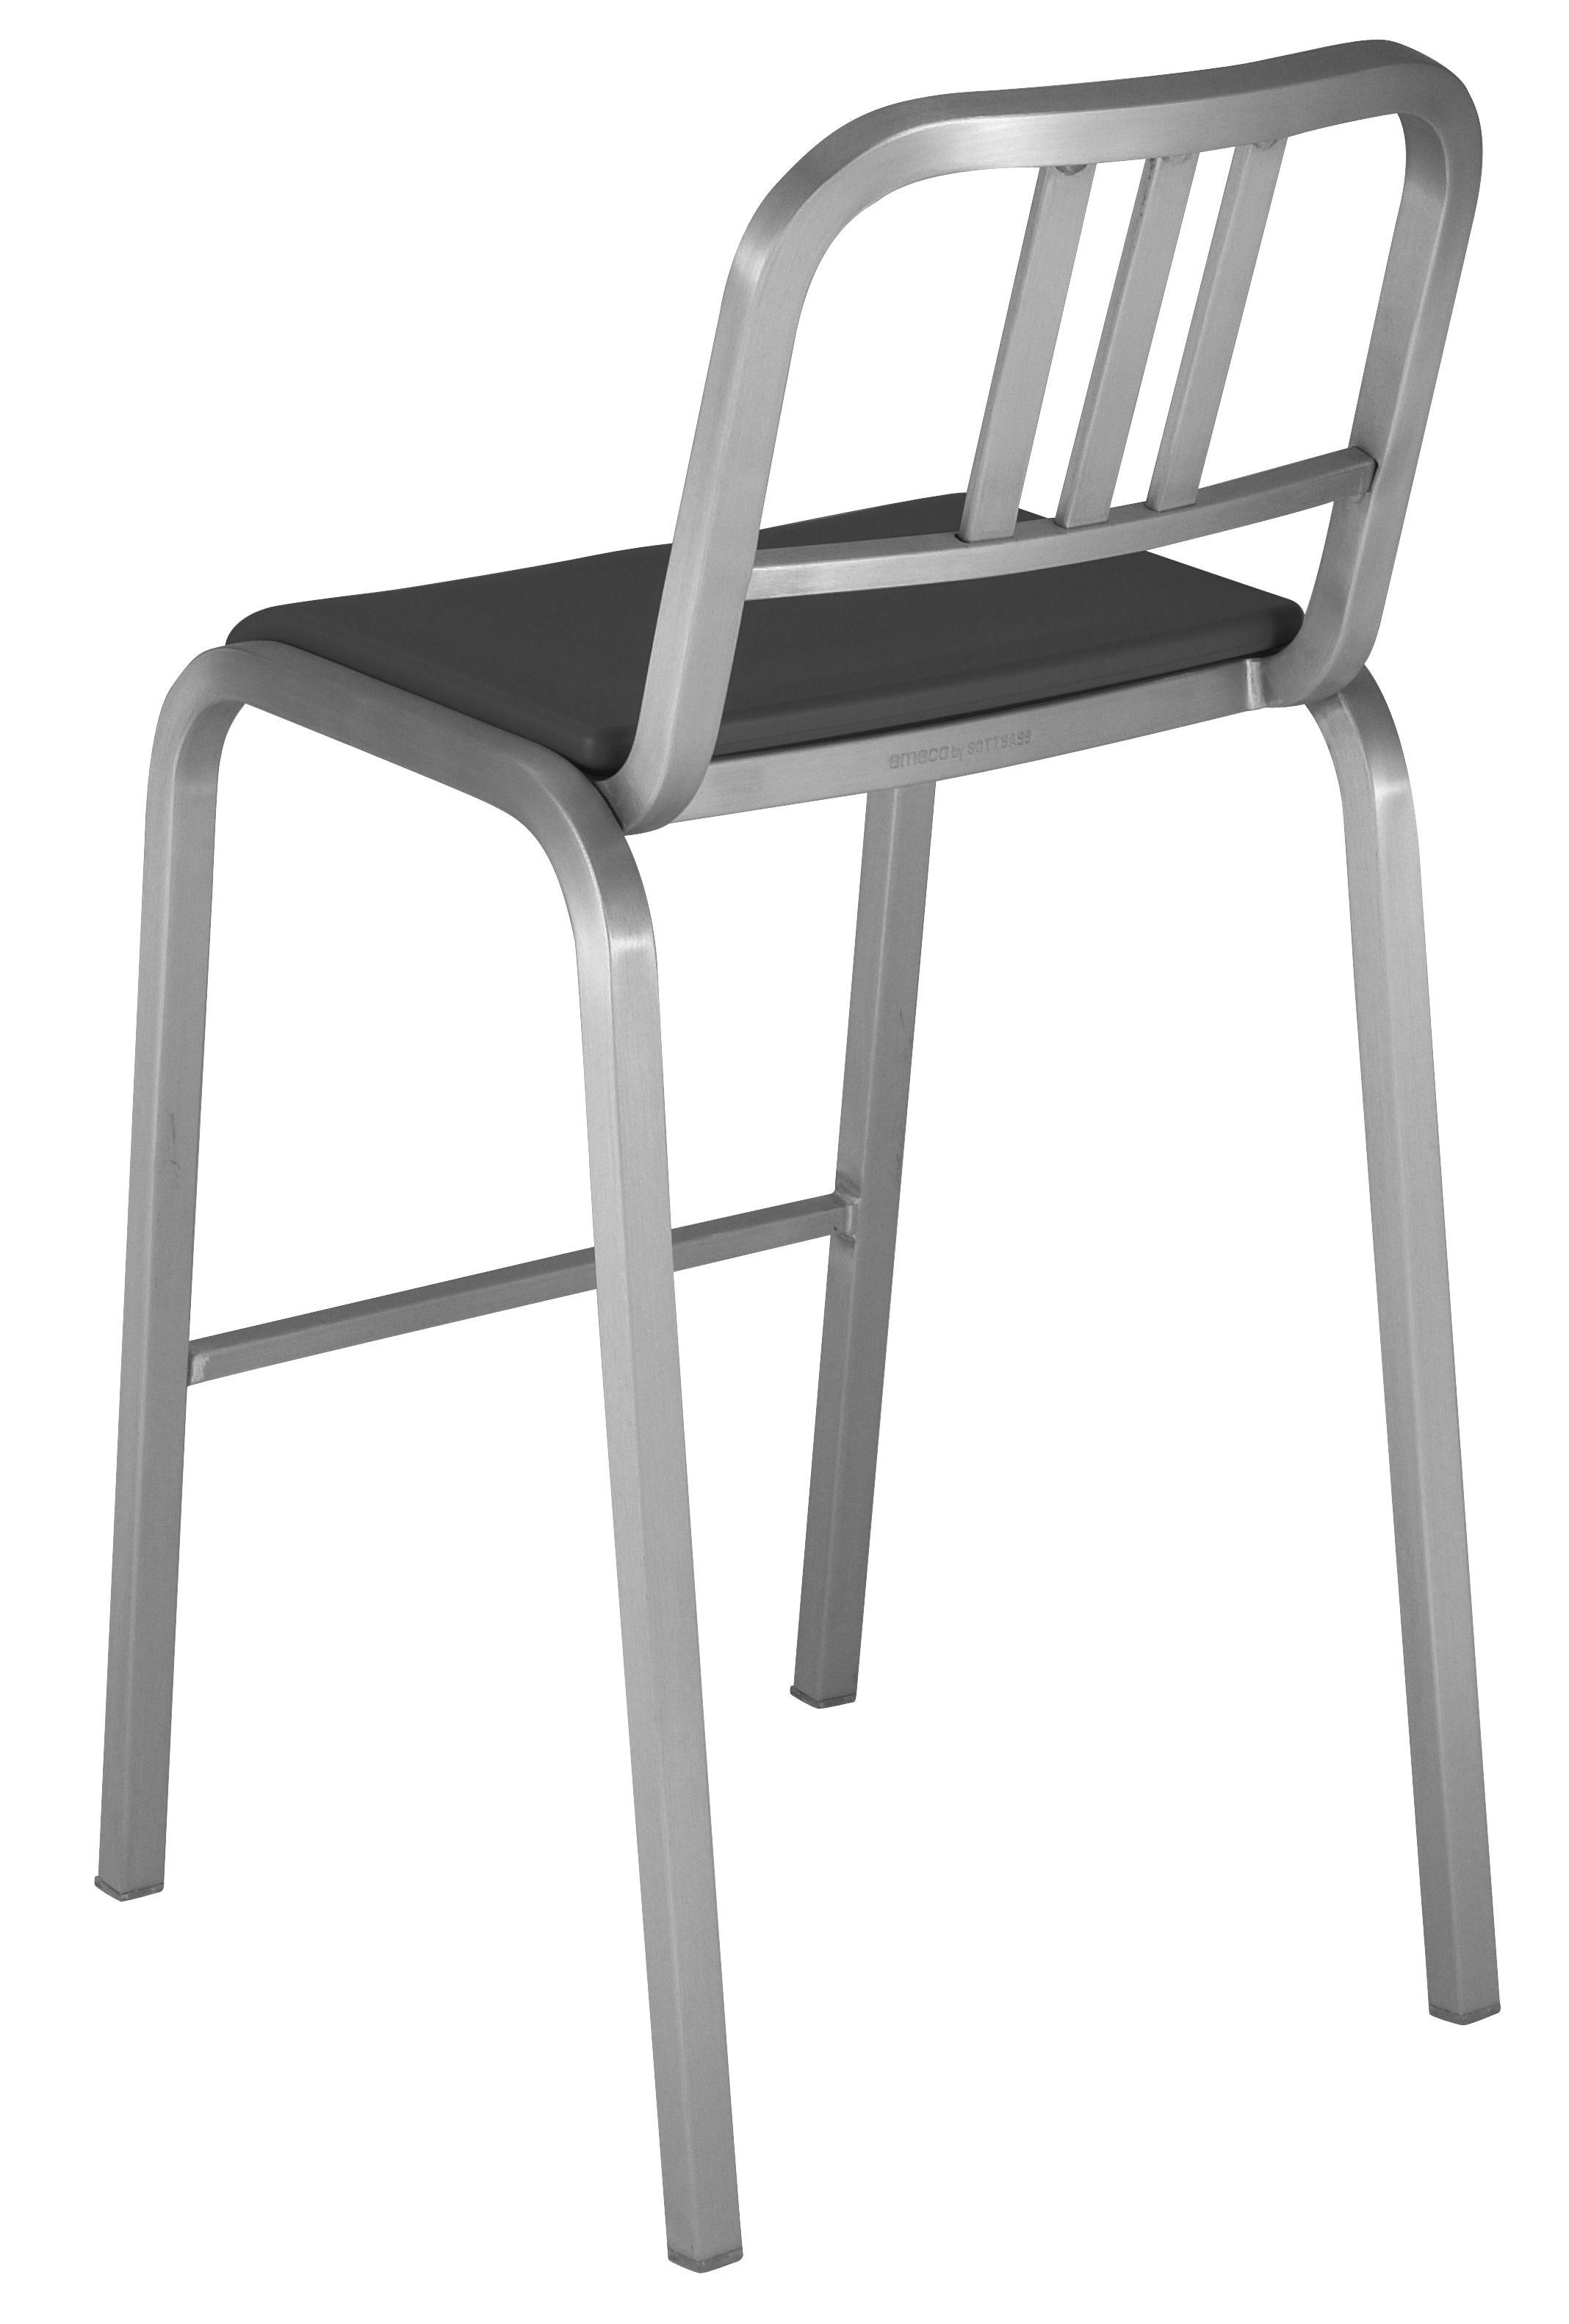 Arredamento - Sgabelli da bar  - Sedia da bar Nine-O - h 75 cm di Emeco - Alluminio opaco / Grigio - Alluminio riciclato, Poliuretano